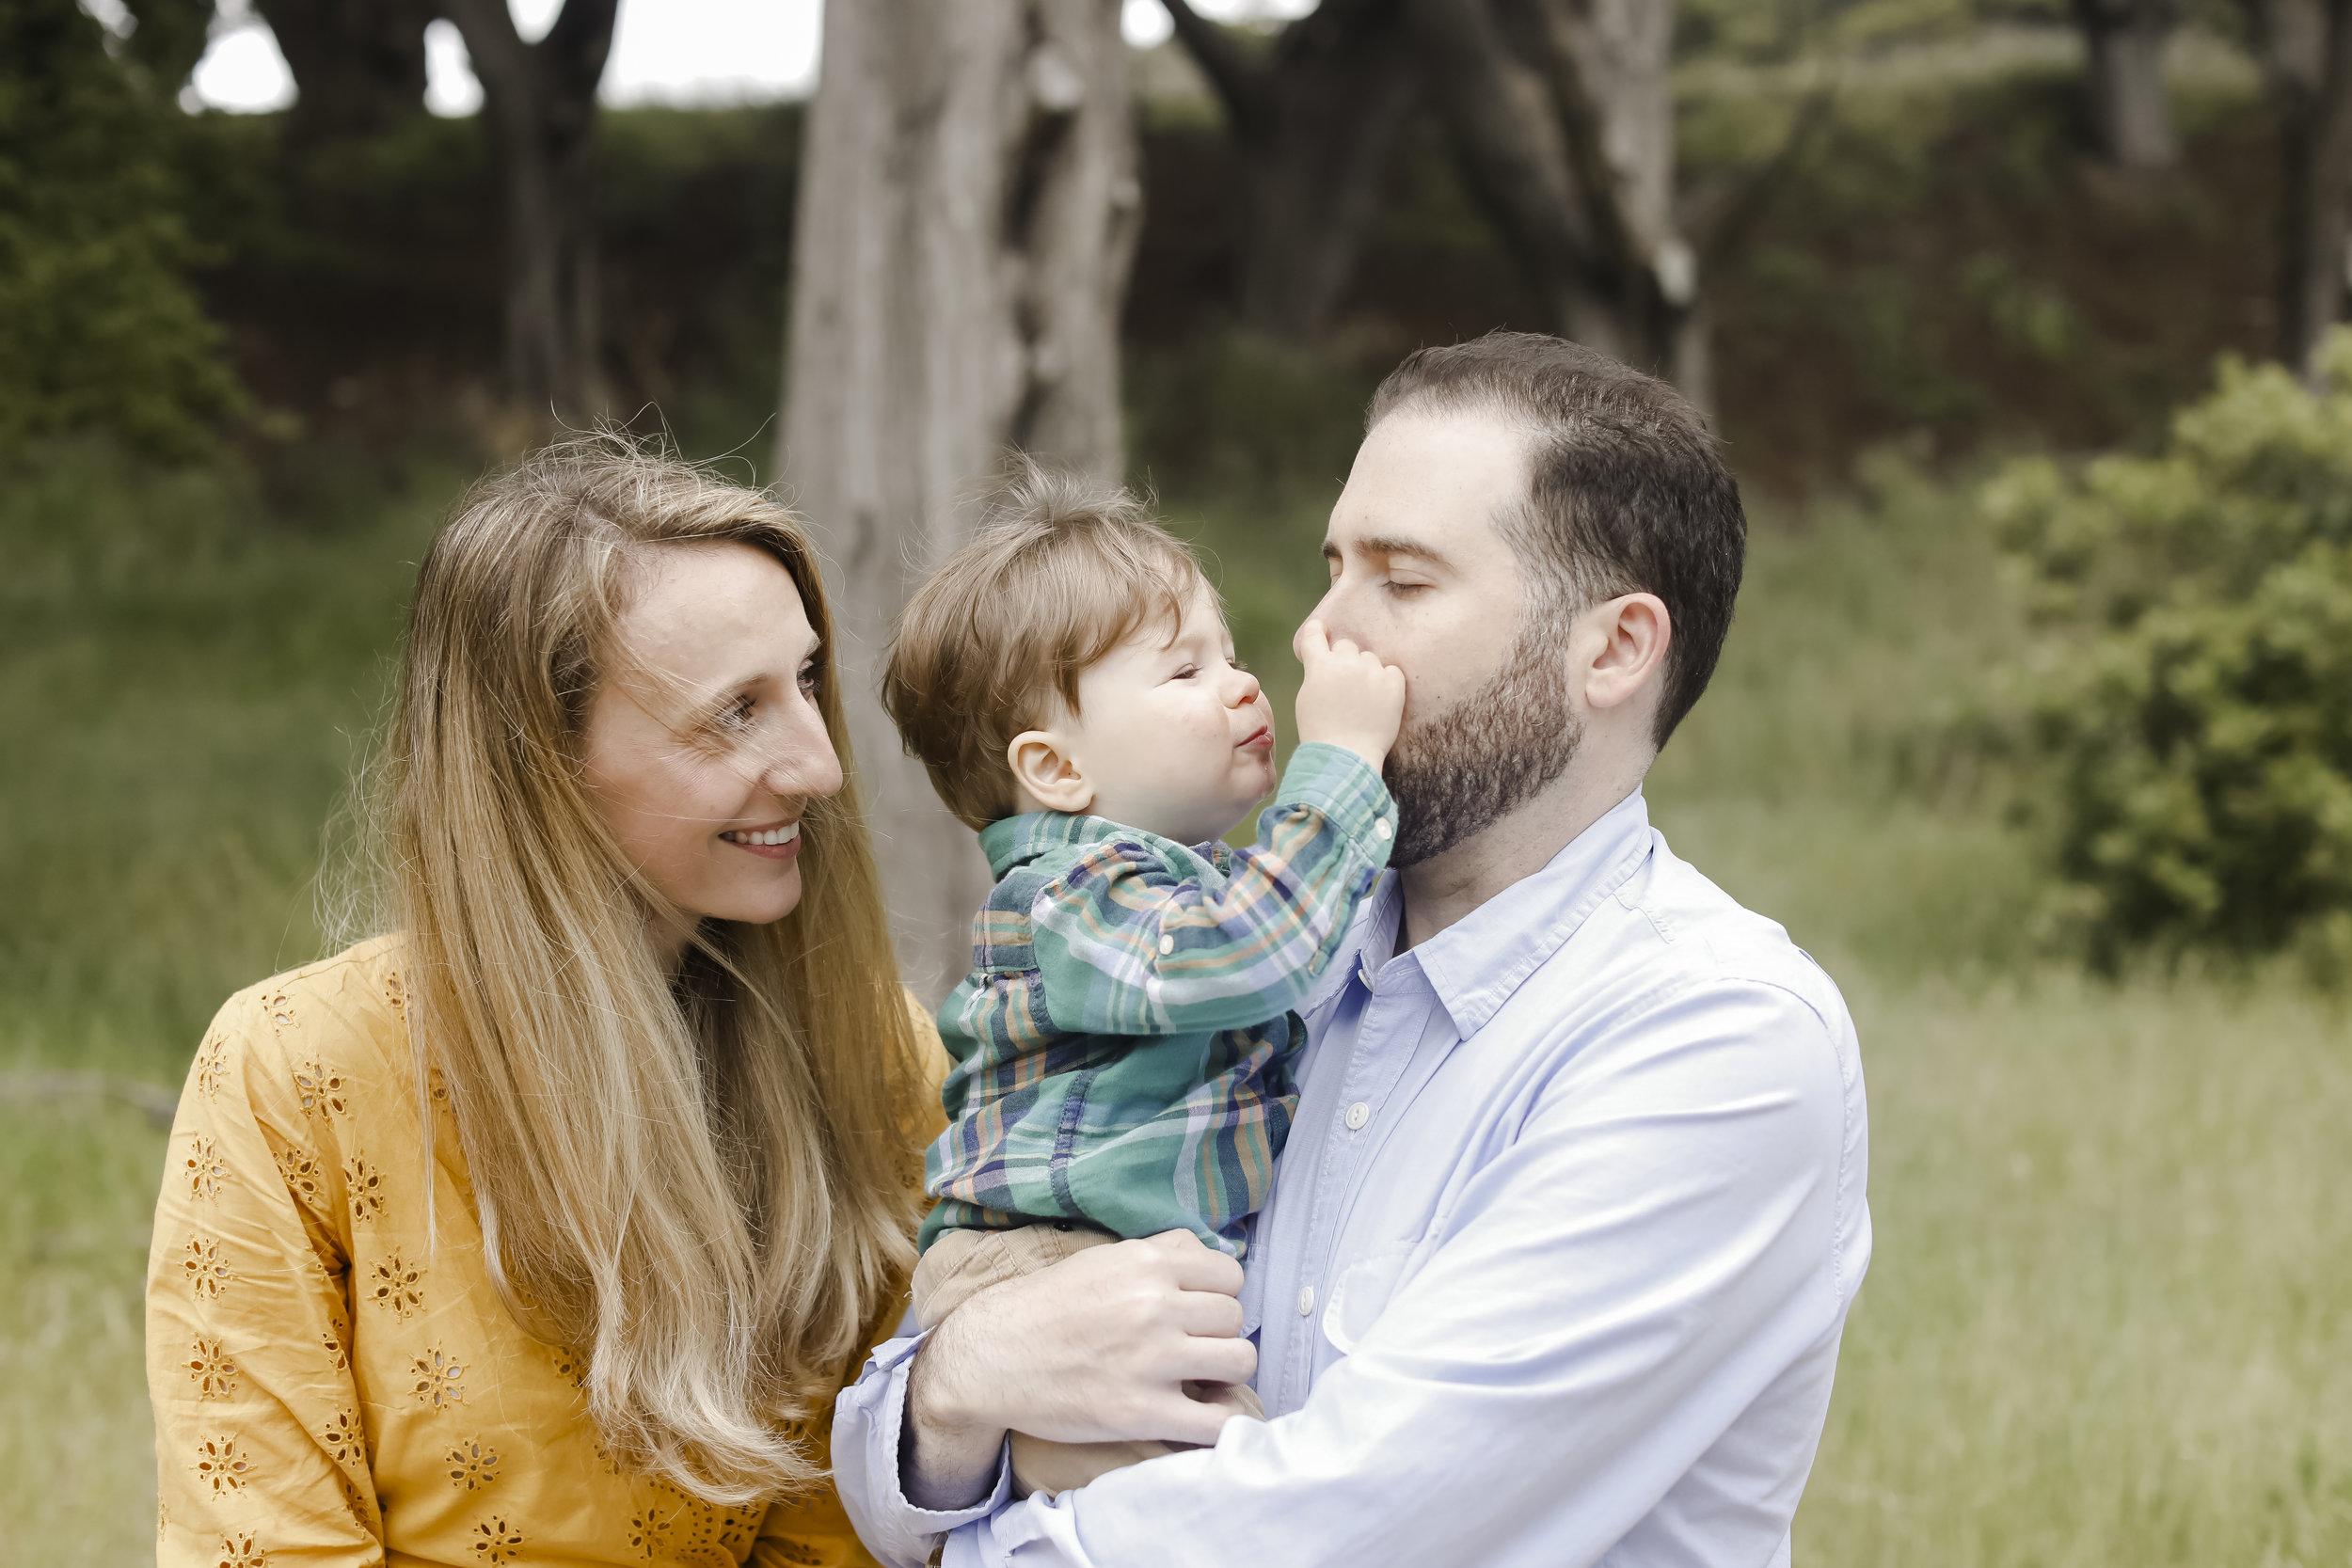 wiemanfamily-ahp-00125.jpg